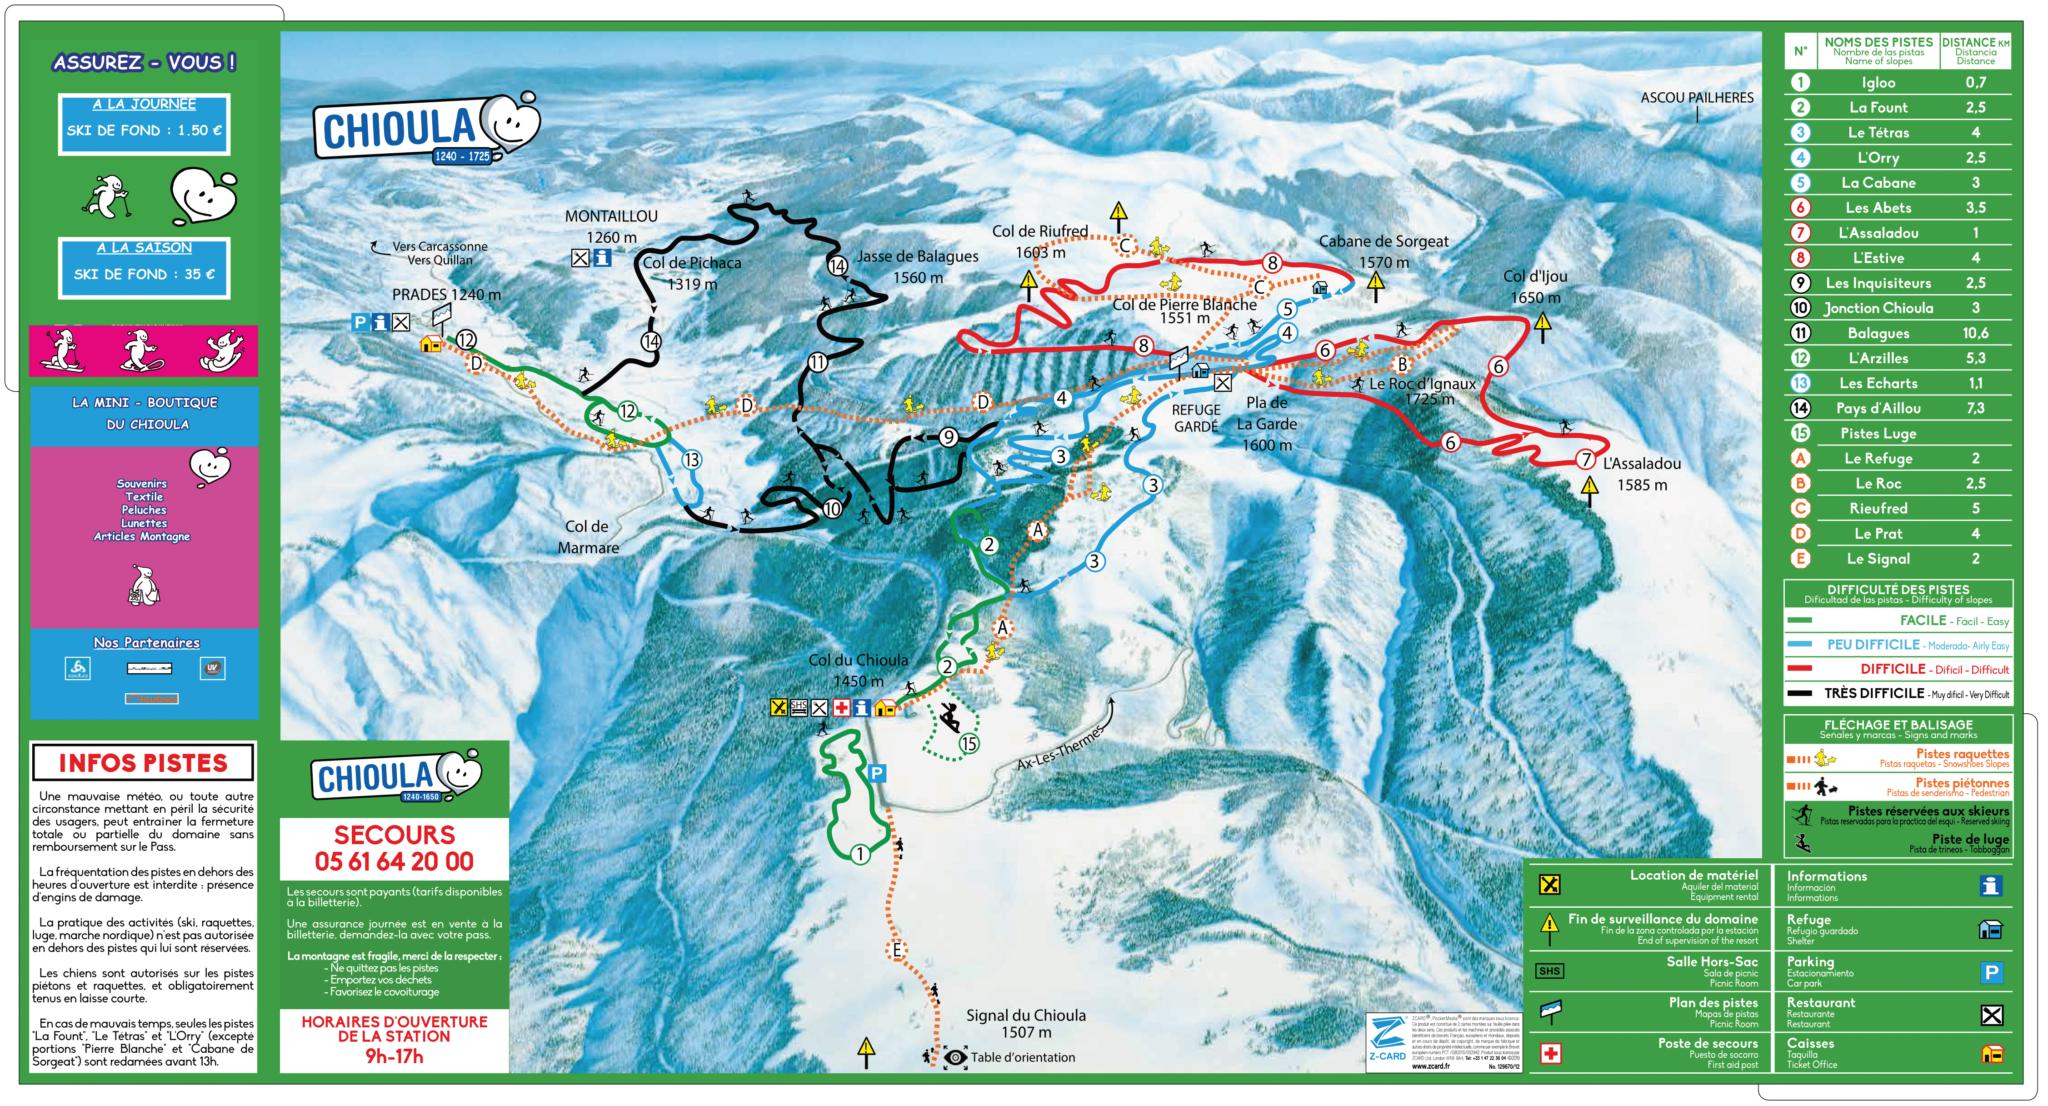 Plan des pistes de la station du Chioula